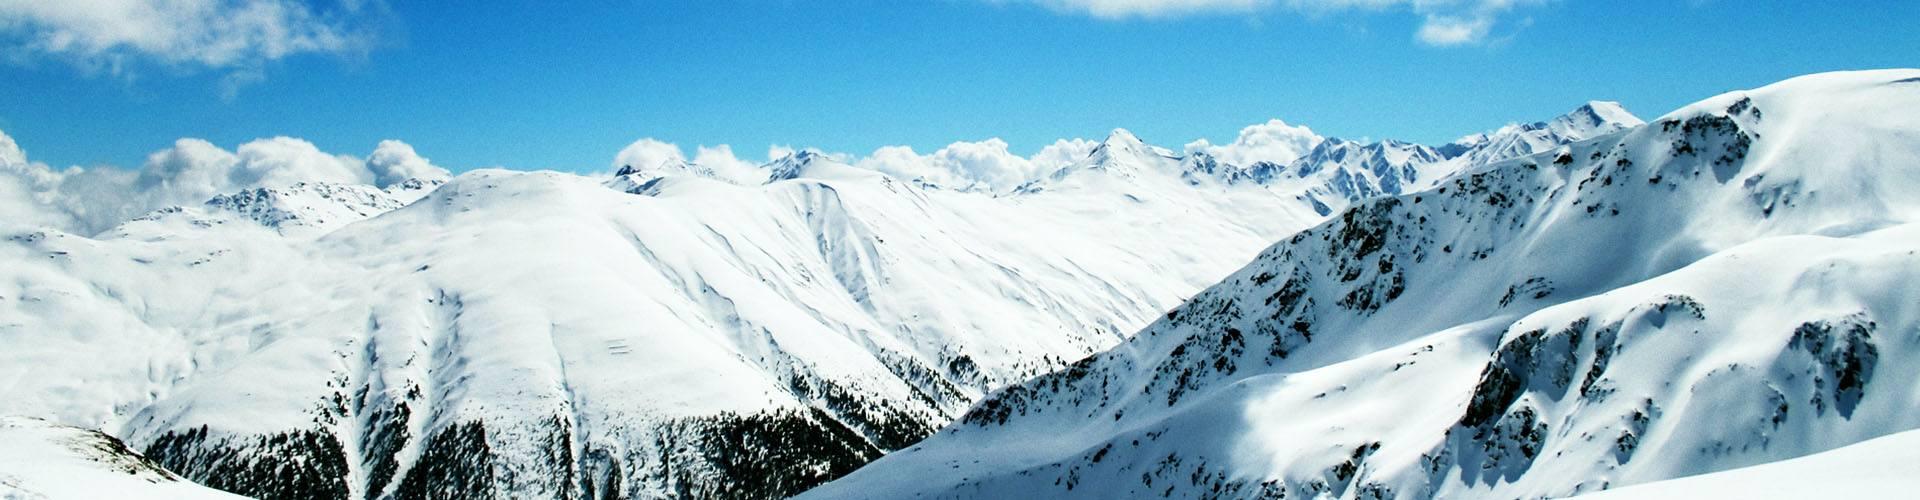 Sneeuwkettingen voor de Kia Picanto